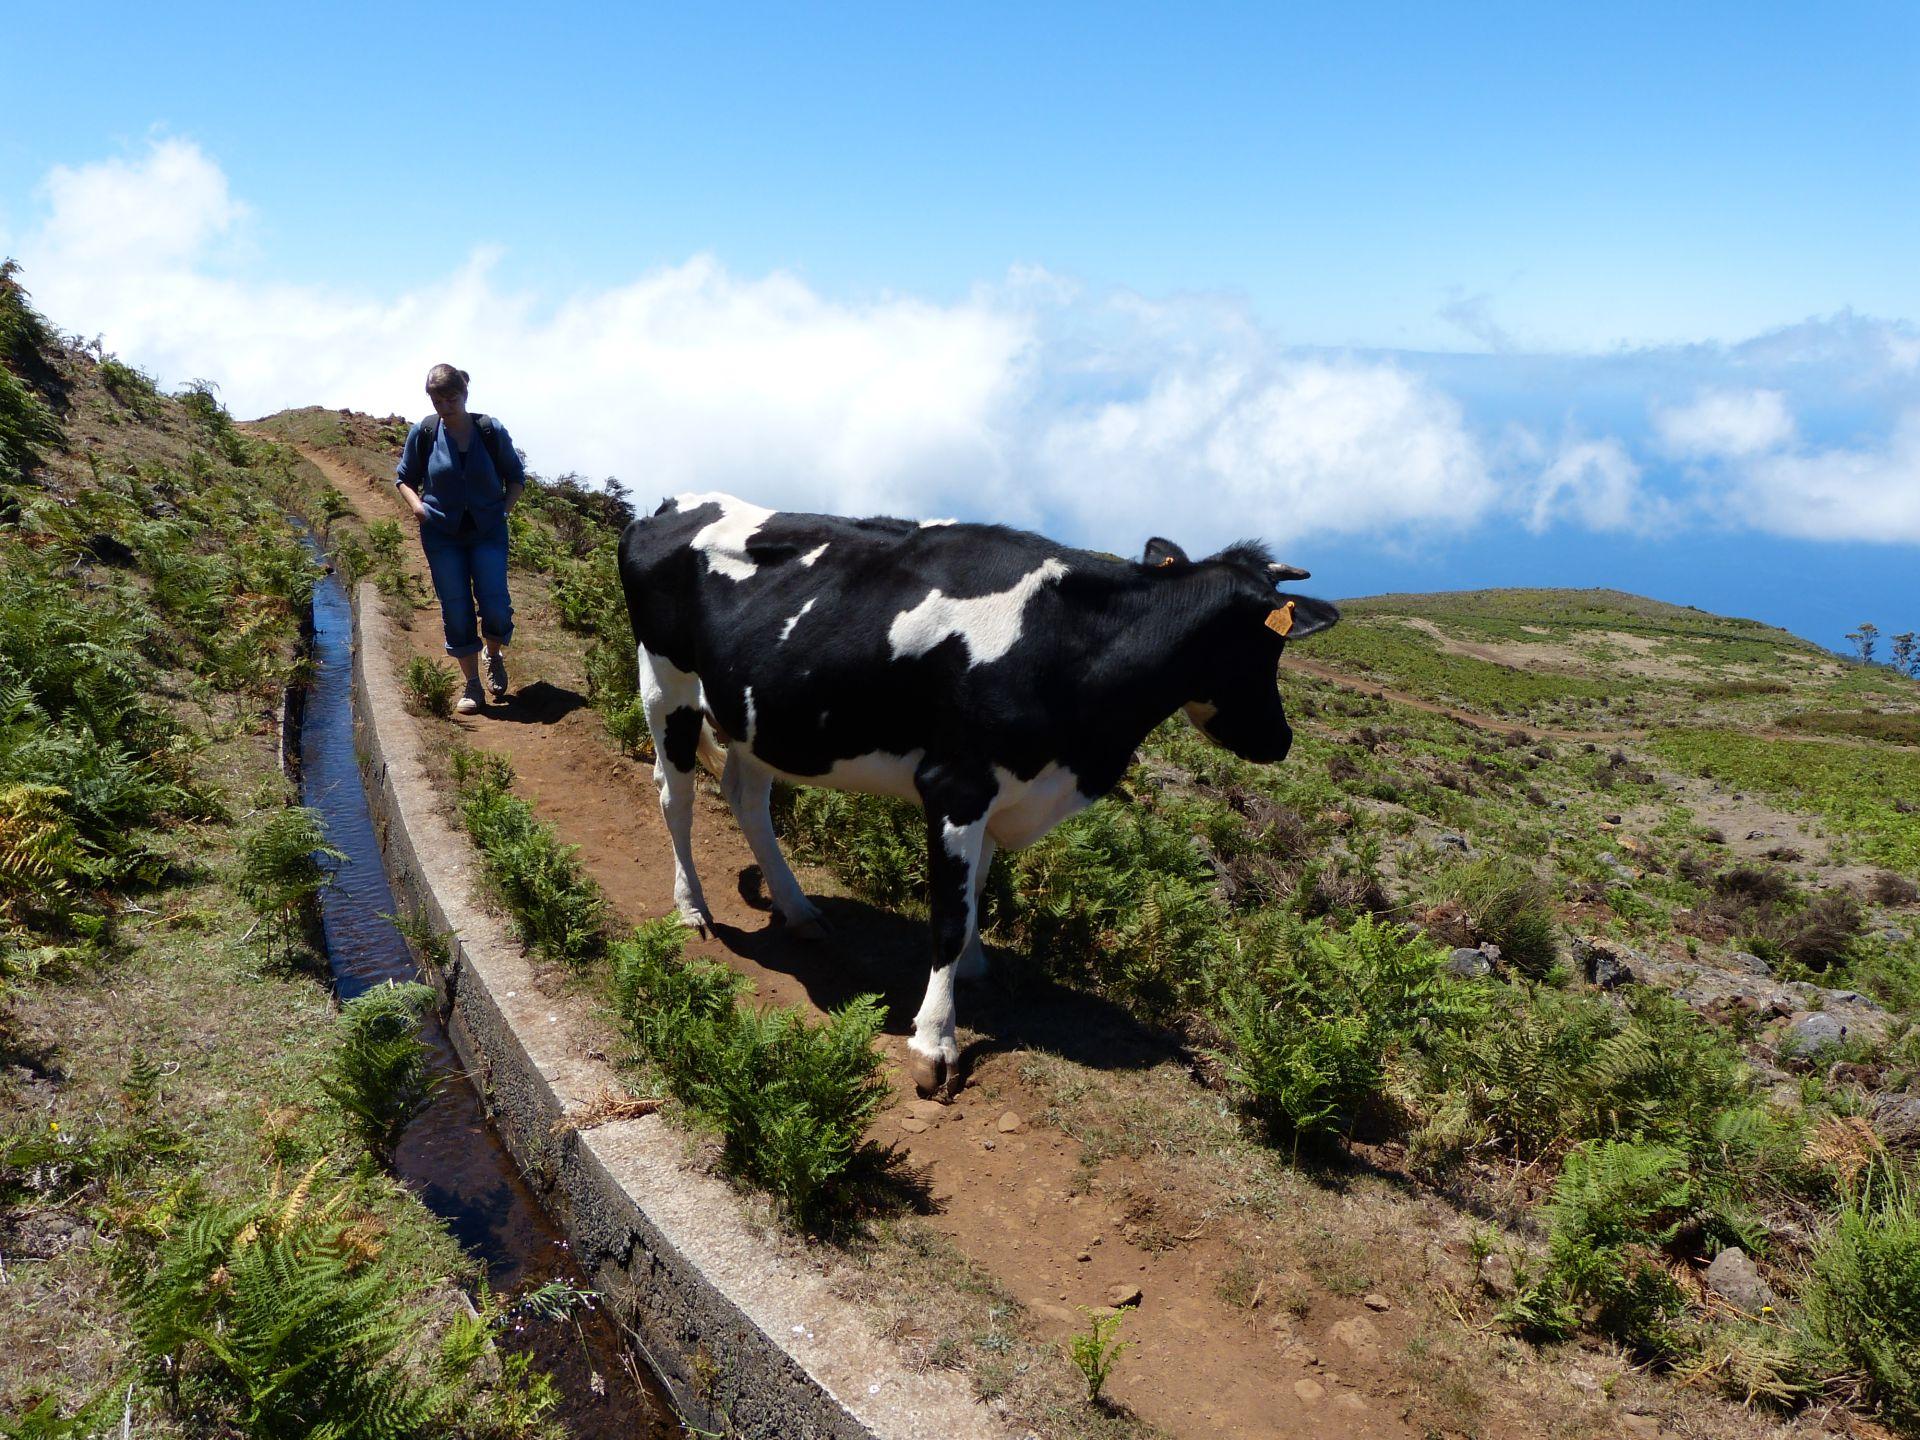 Mitten im Weg die Kuh, Platz da!